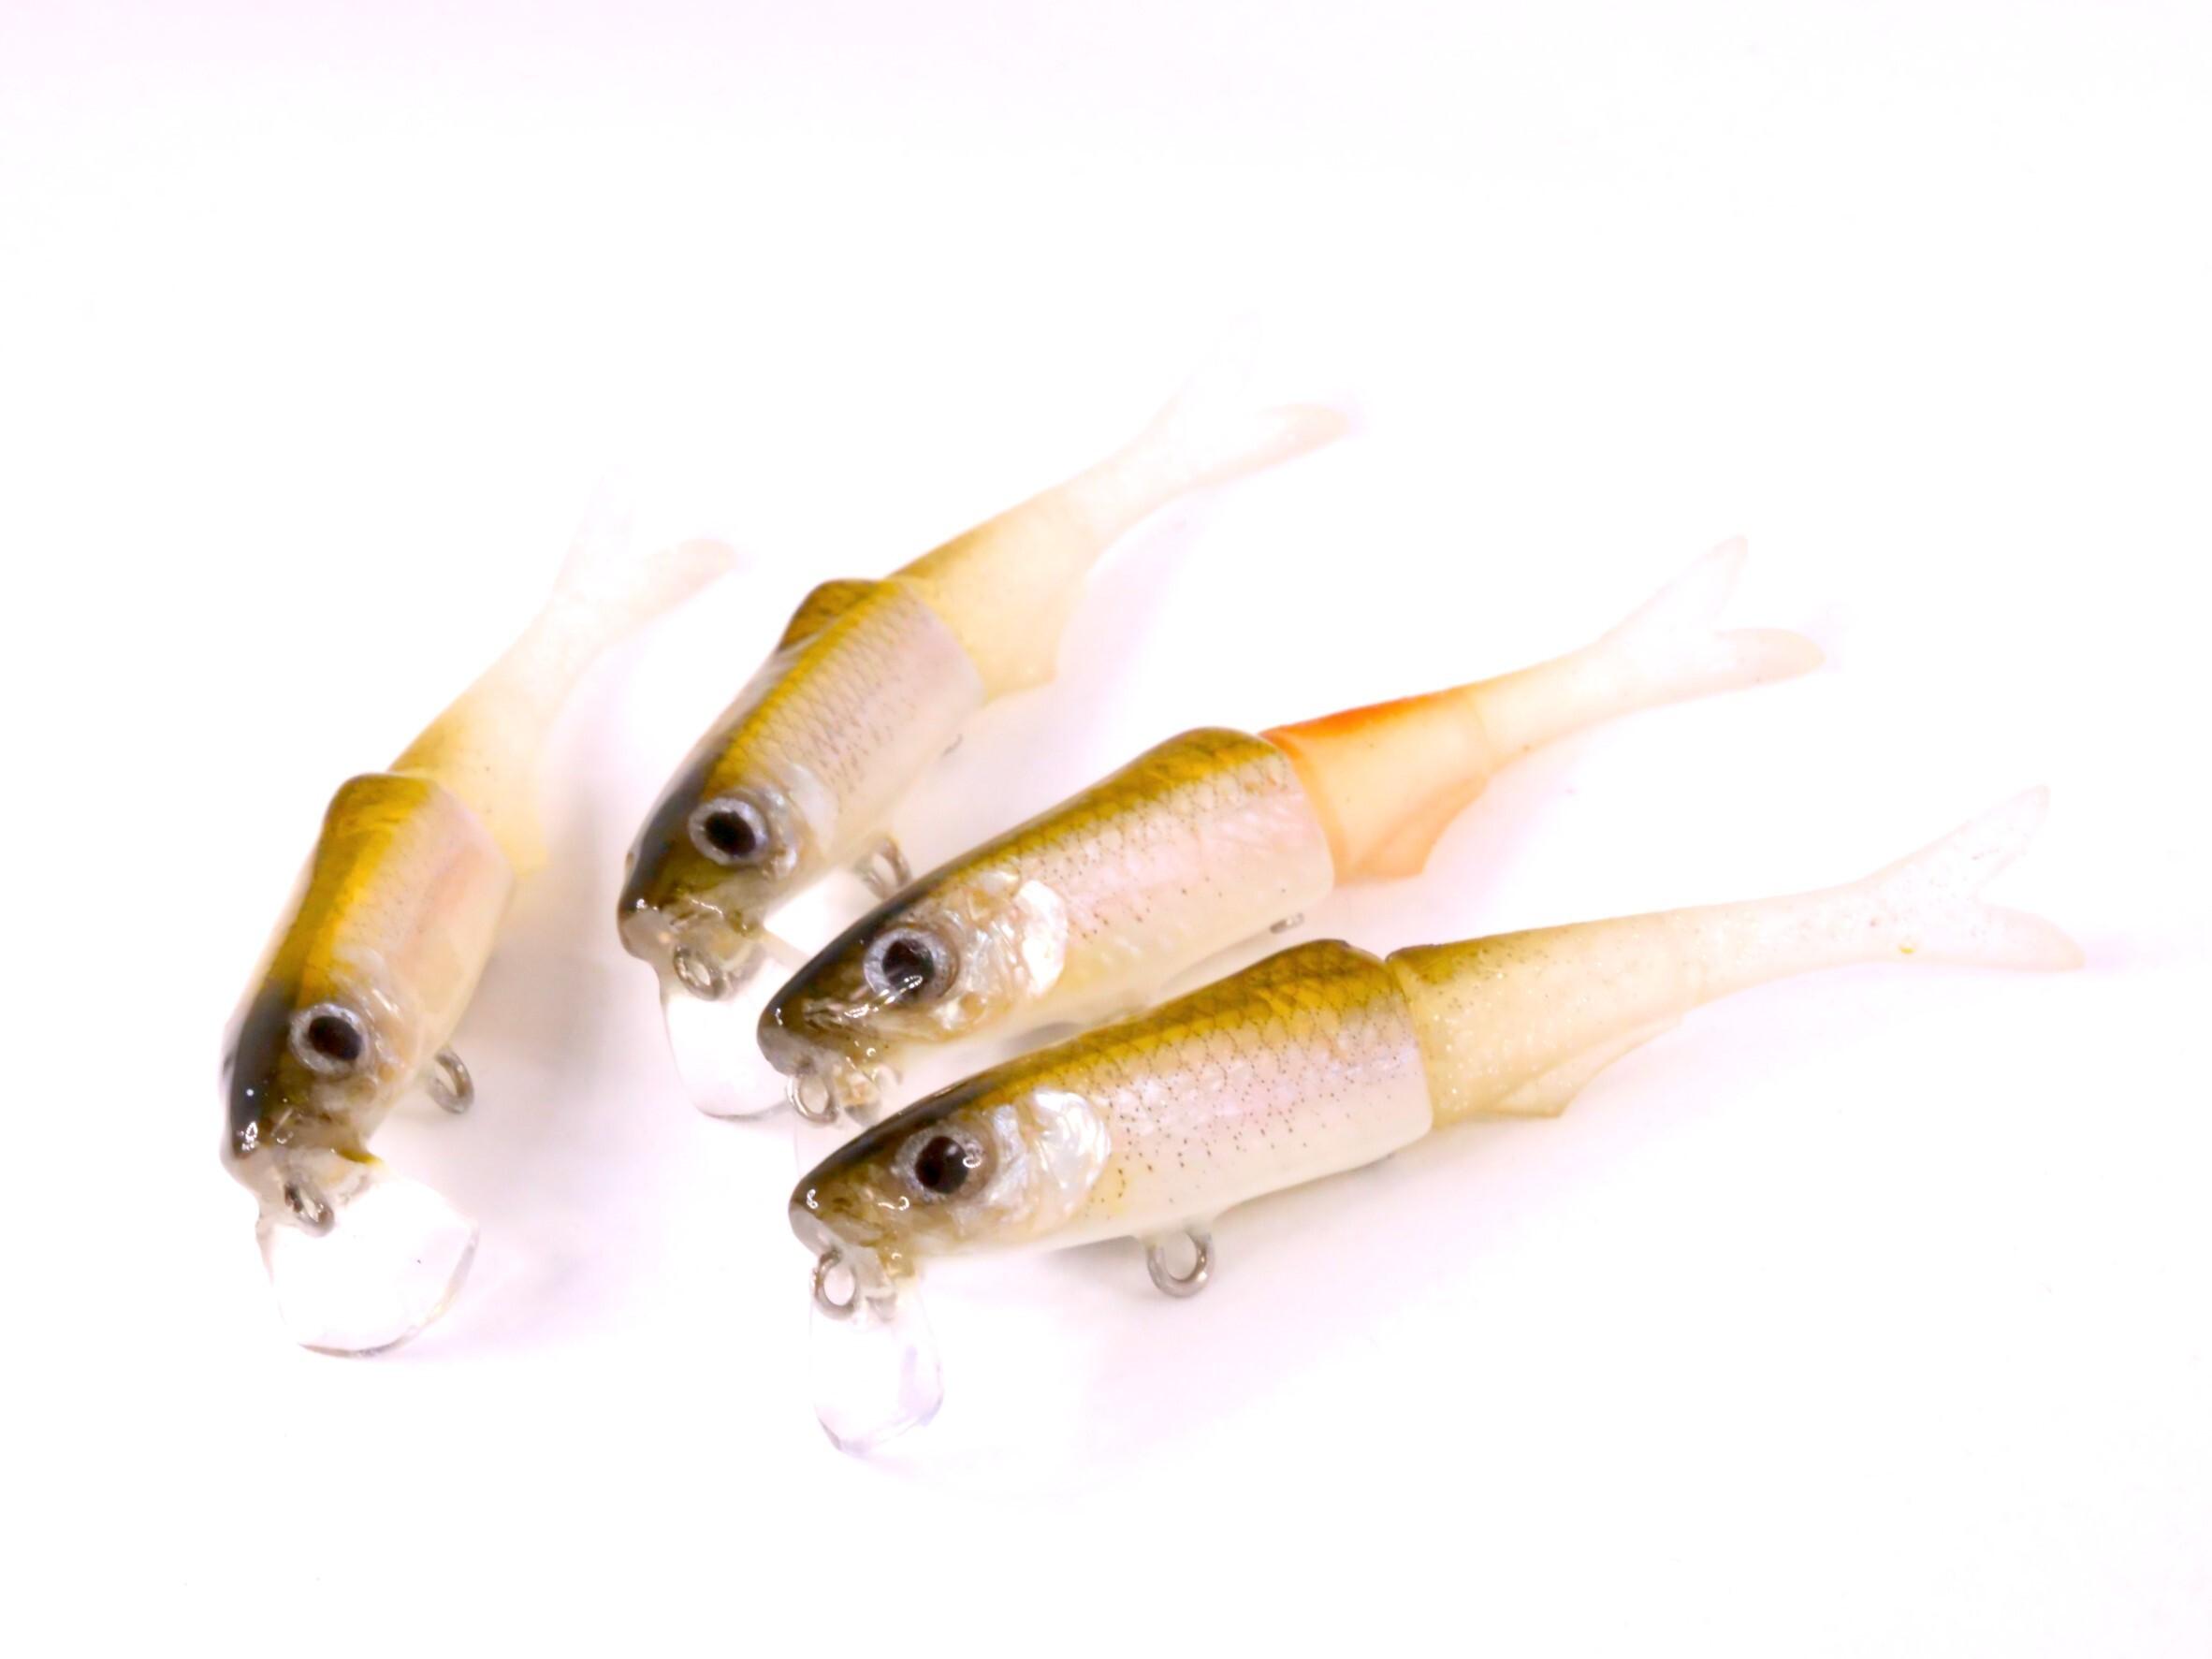 【フレッシュベイトルアーズ】剥製魚銀皮カスタム・ジャッカル  ハンプリー  ワカサギ皮